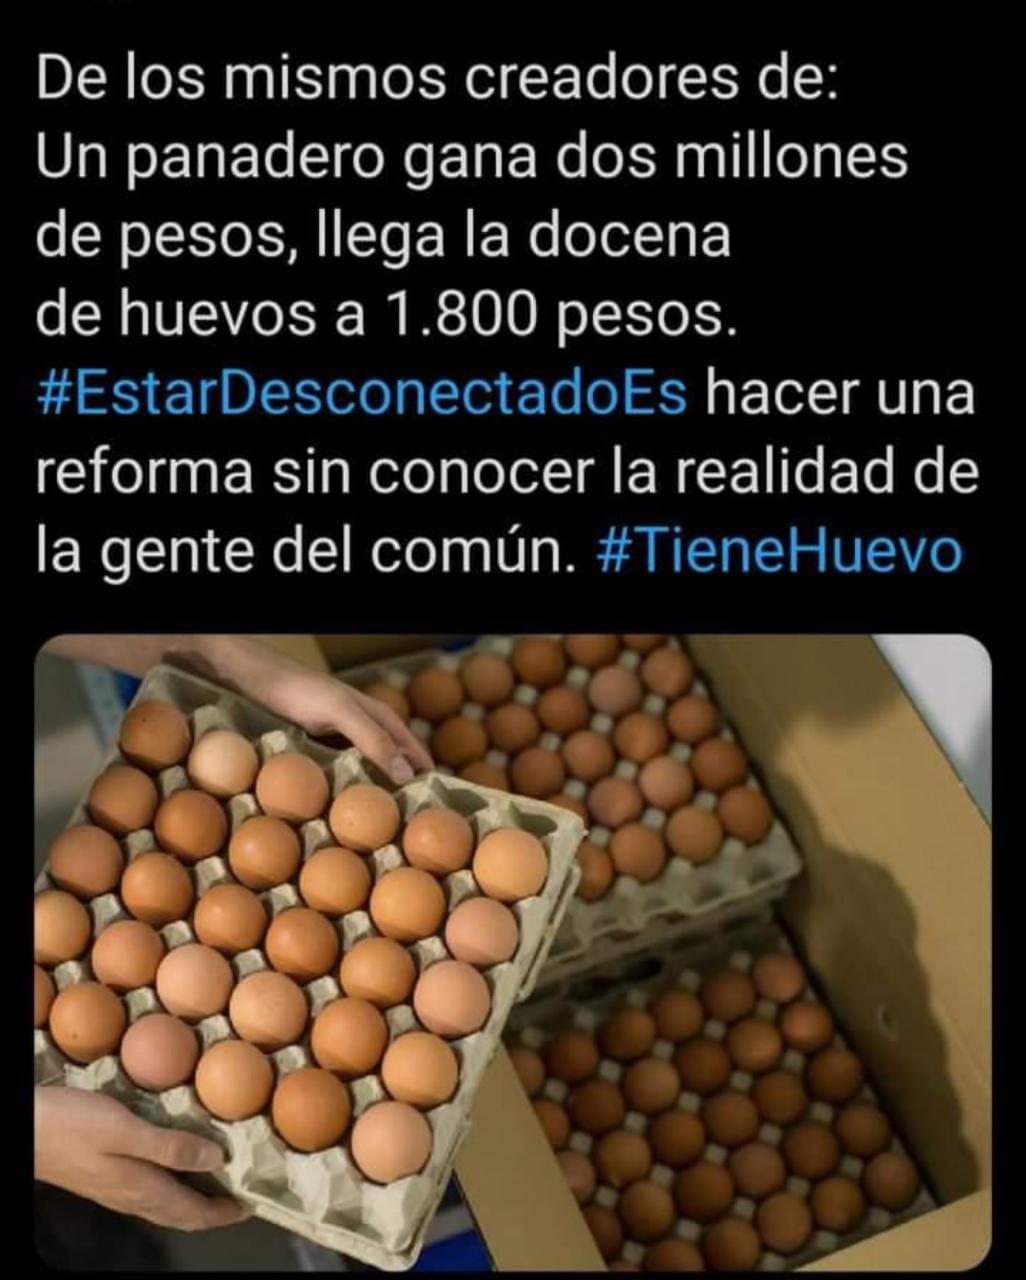 ¿Sabe cuánto vale la cubeta de huevos? O esta igual al ministro Alberto Carrasquilla 4